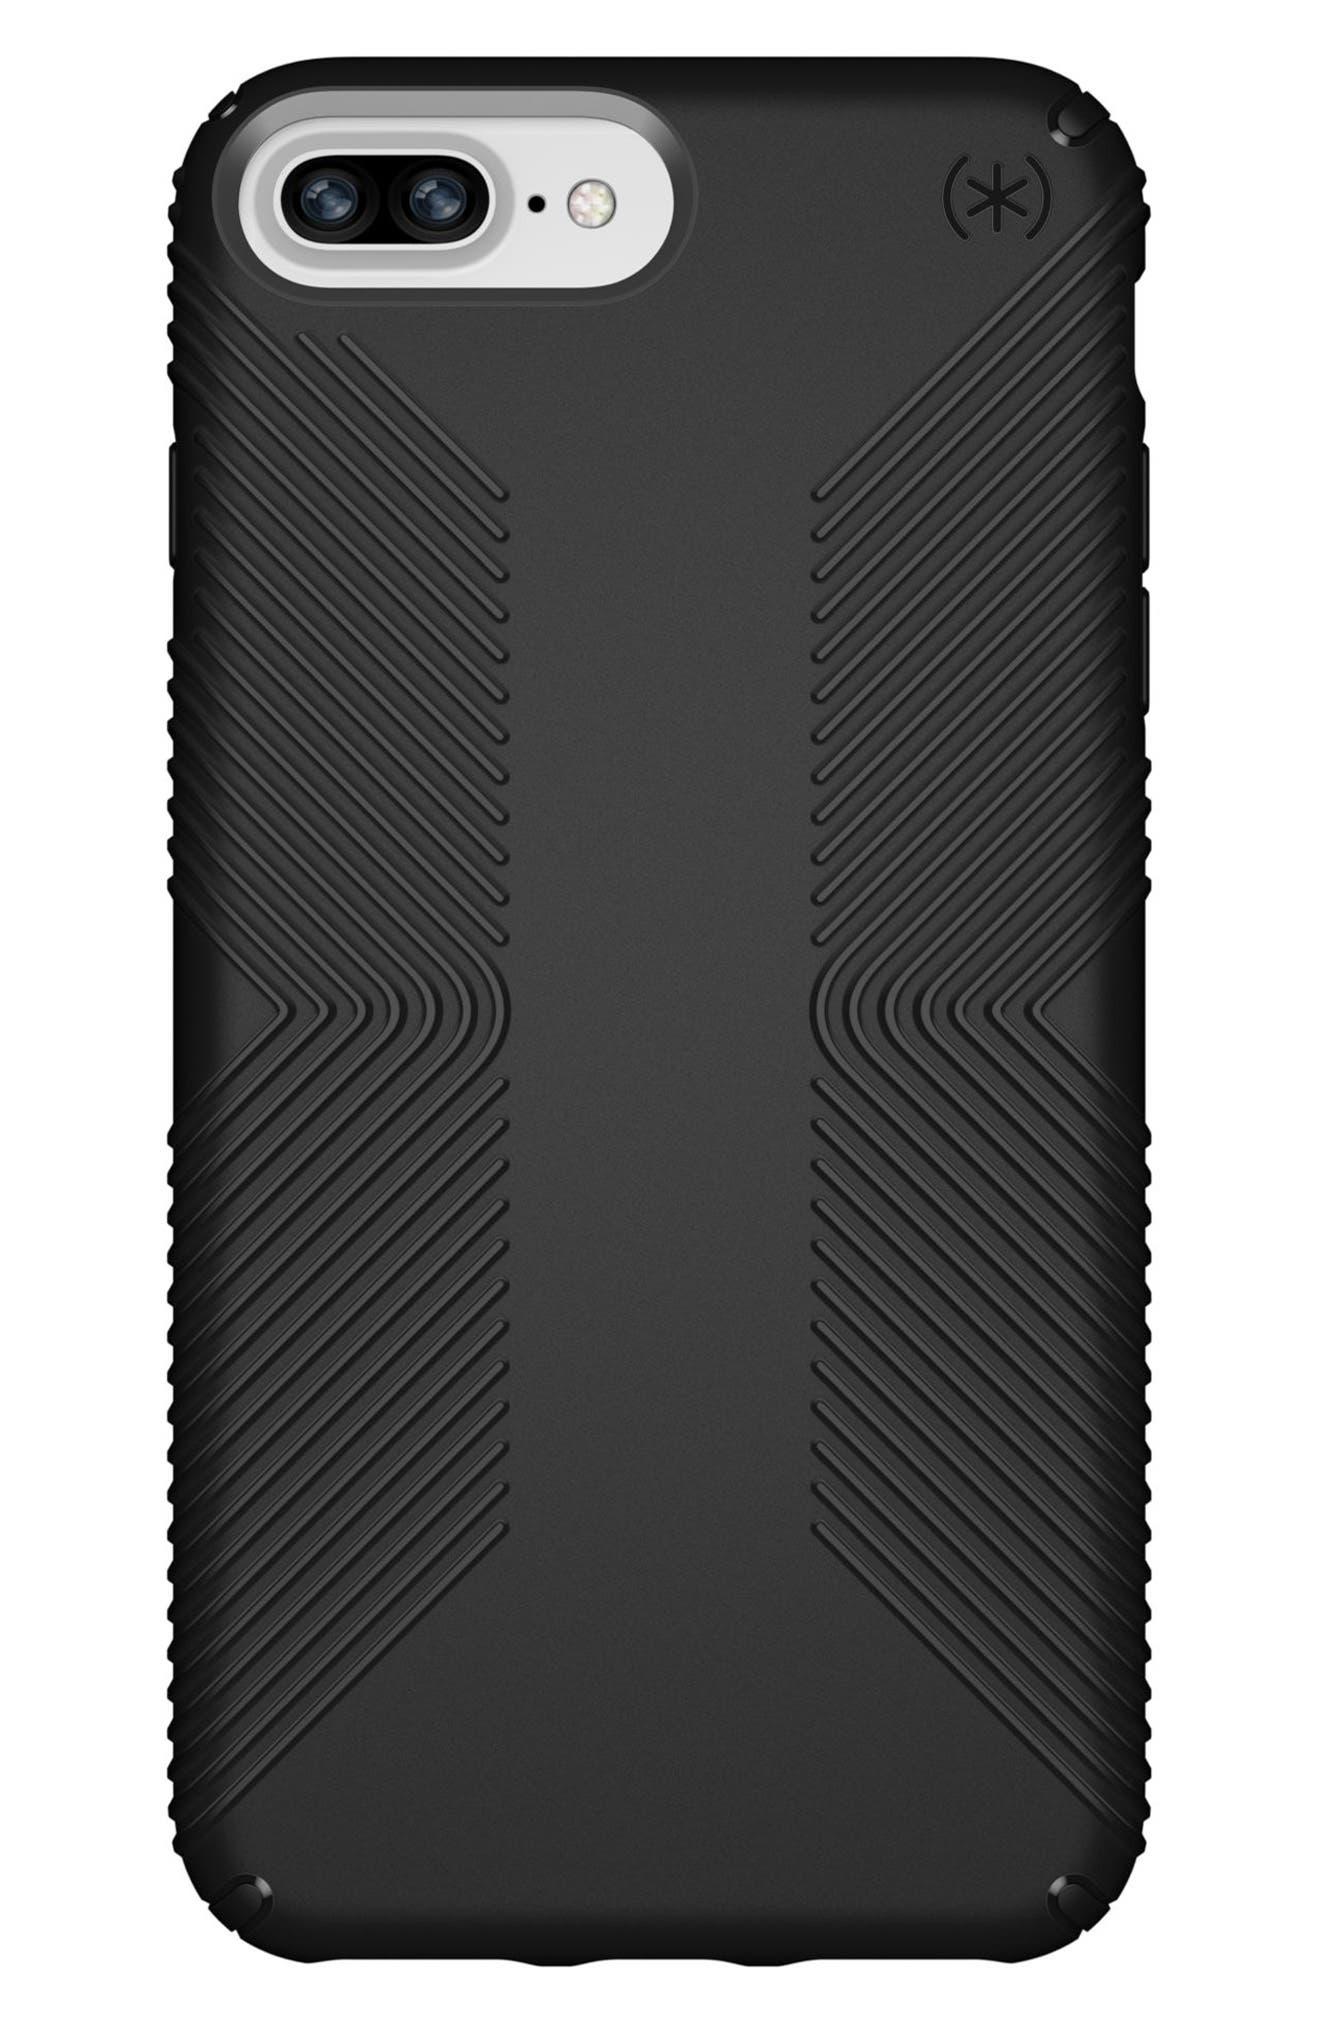 SPECK Grip iPhone 6/6s/7/8 Plus Case, Main, color, 001